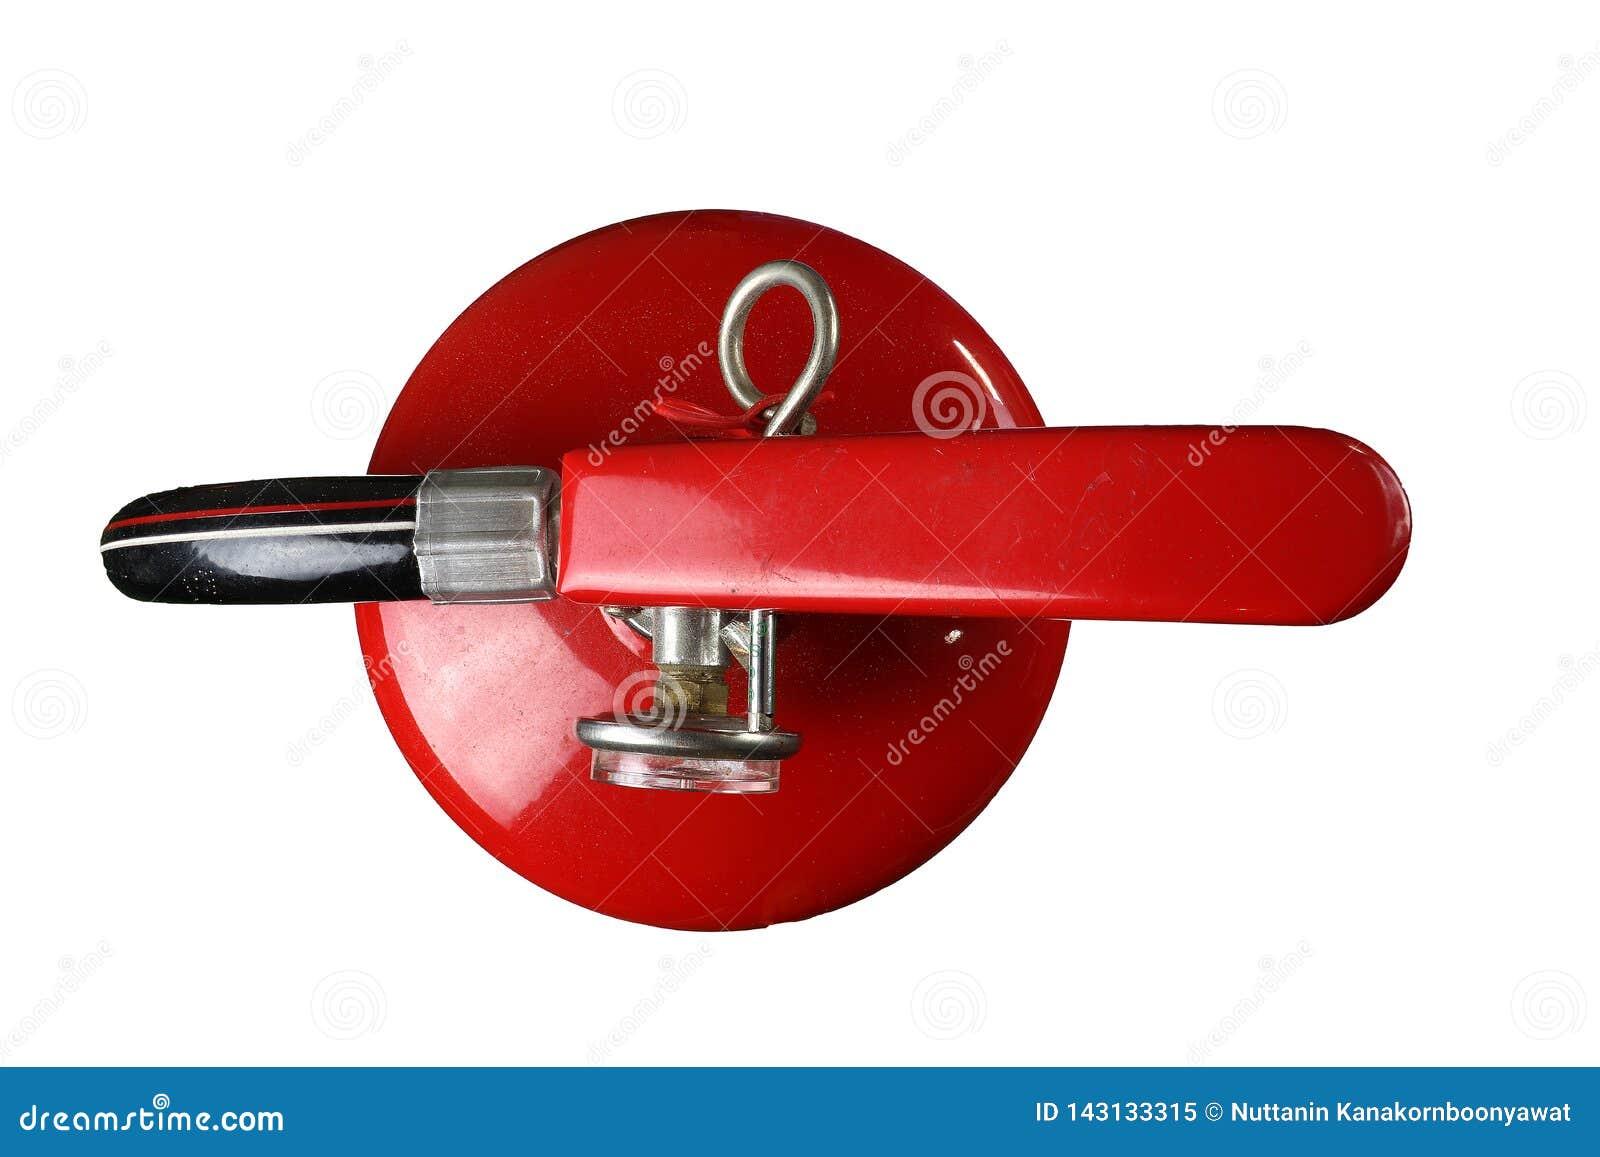 Πυροσβεστήρας, πυρασφάλεια, βρώμικος πυροσβεστήρας που απομονώνεται στο άσπρο υπόβαθρο